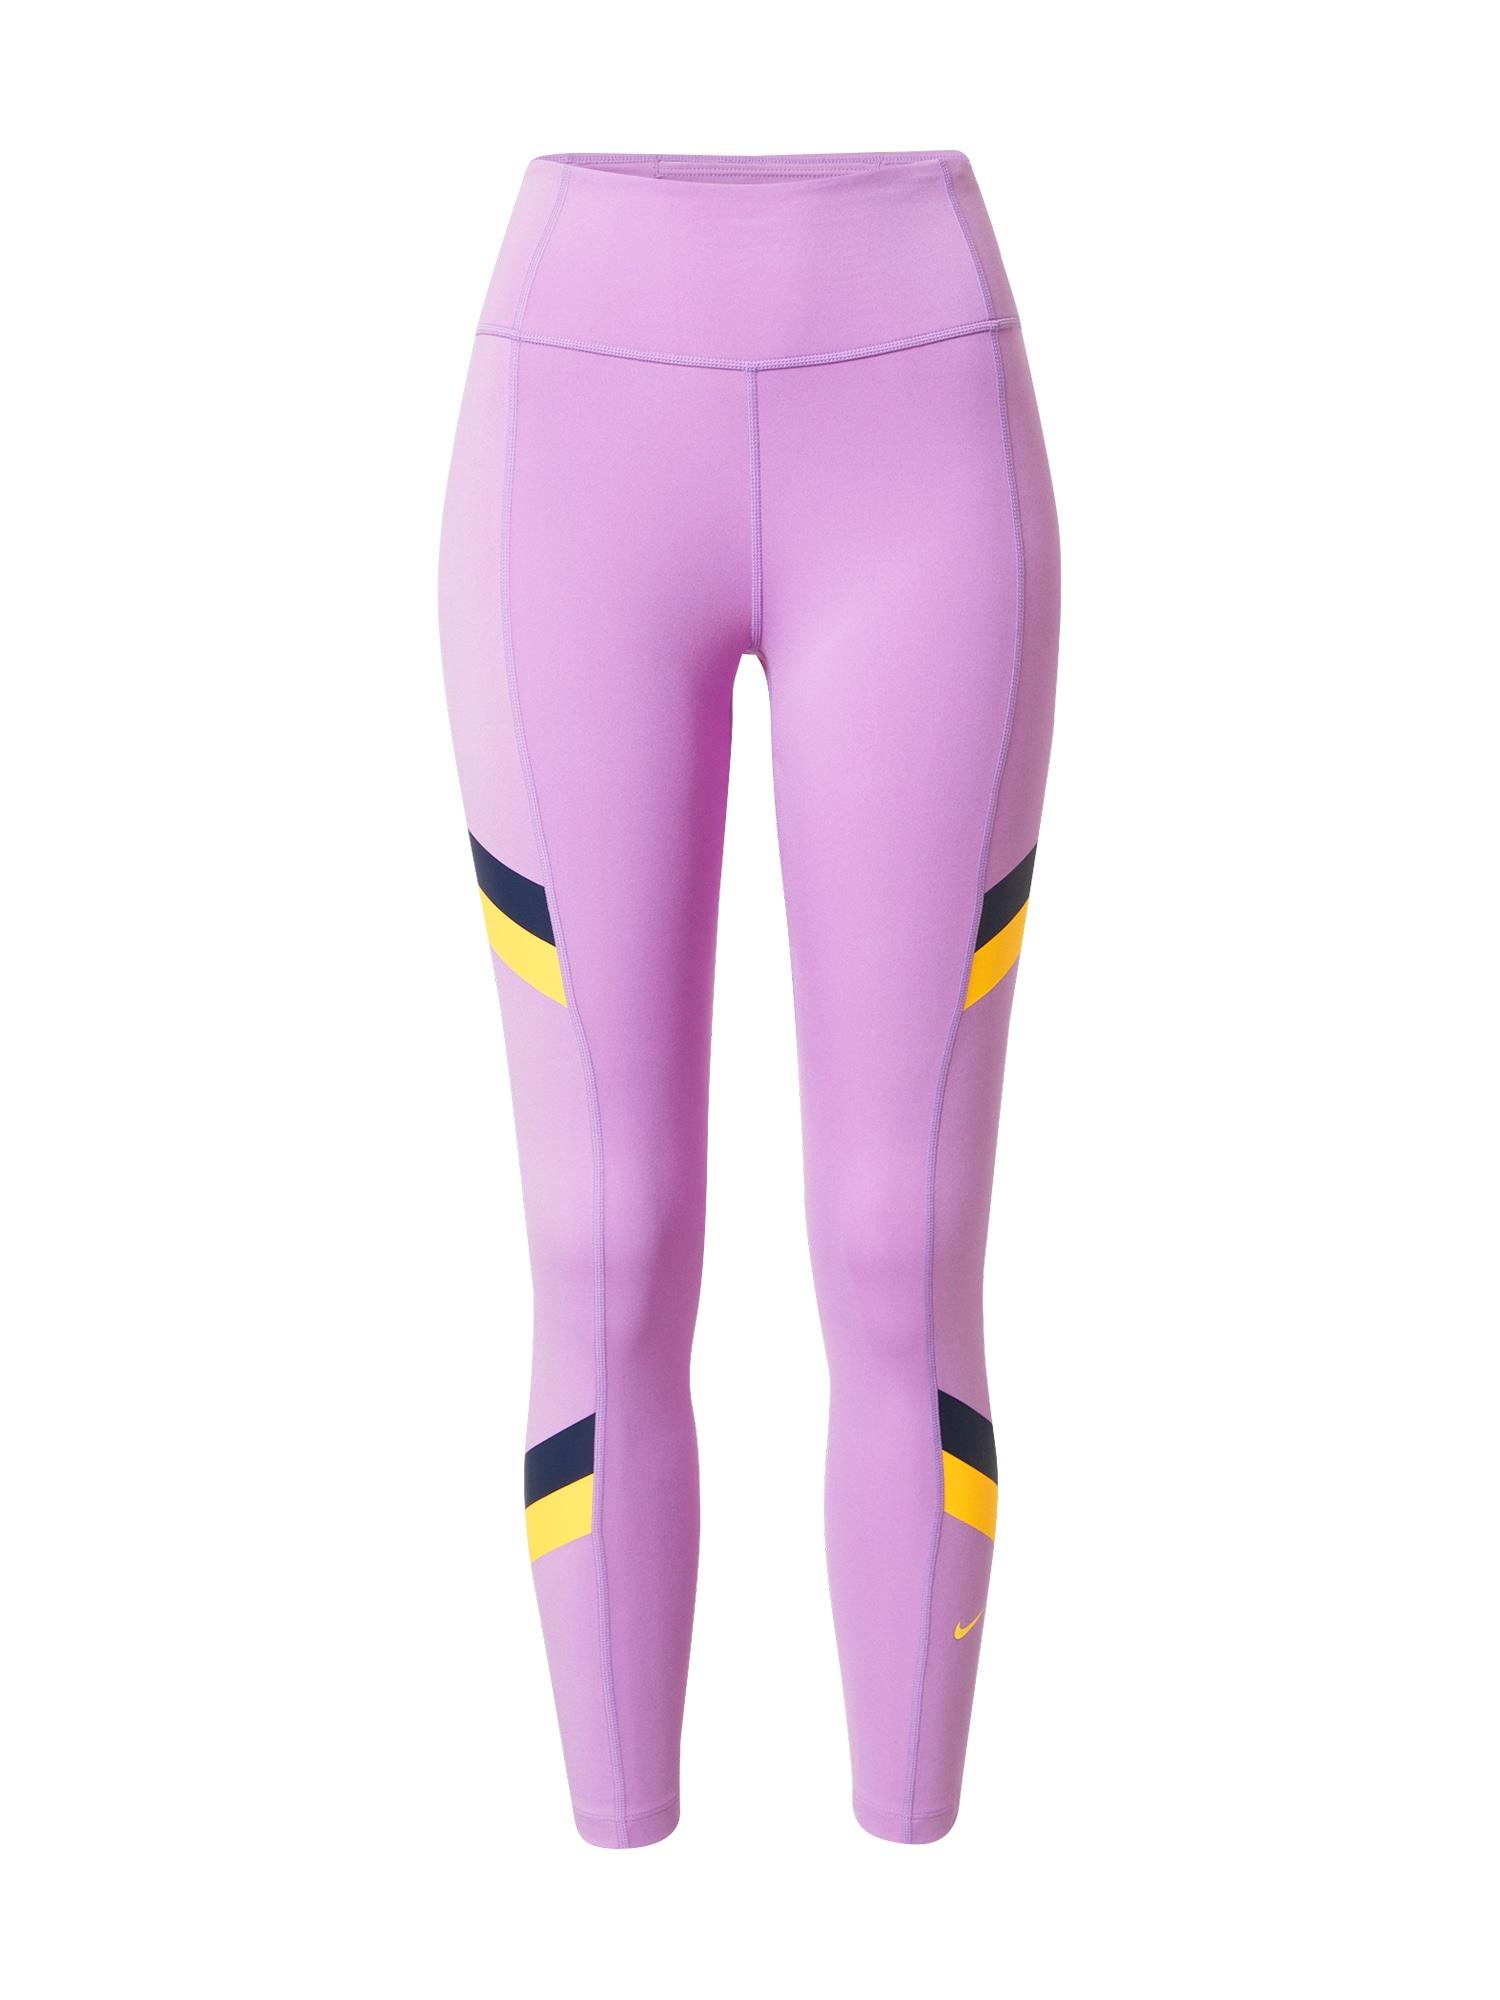 NIKE Sportovní kalhoty 'One'  fialová / tmavě modrá / žlutá